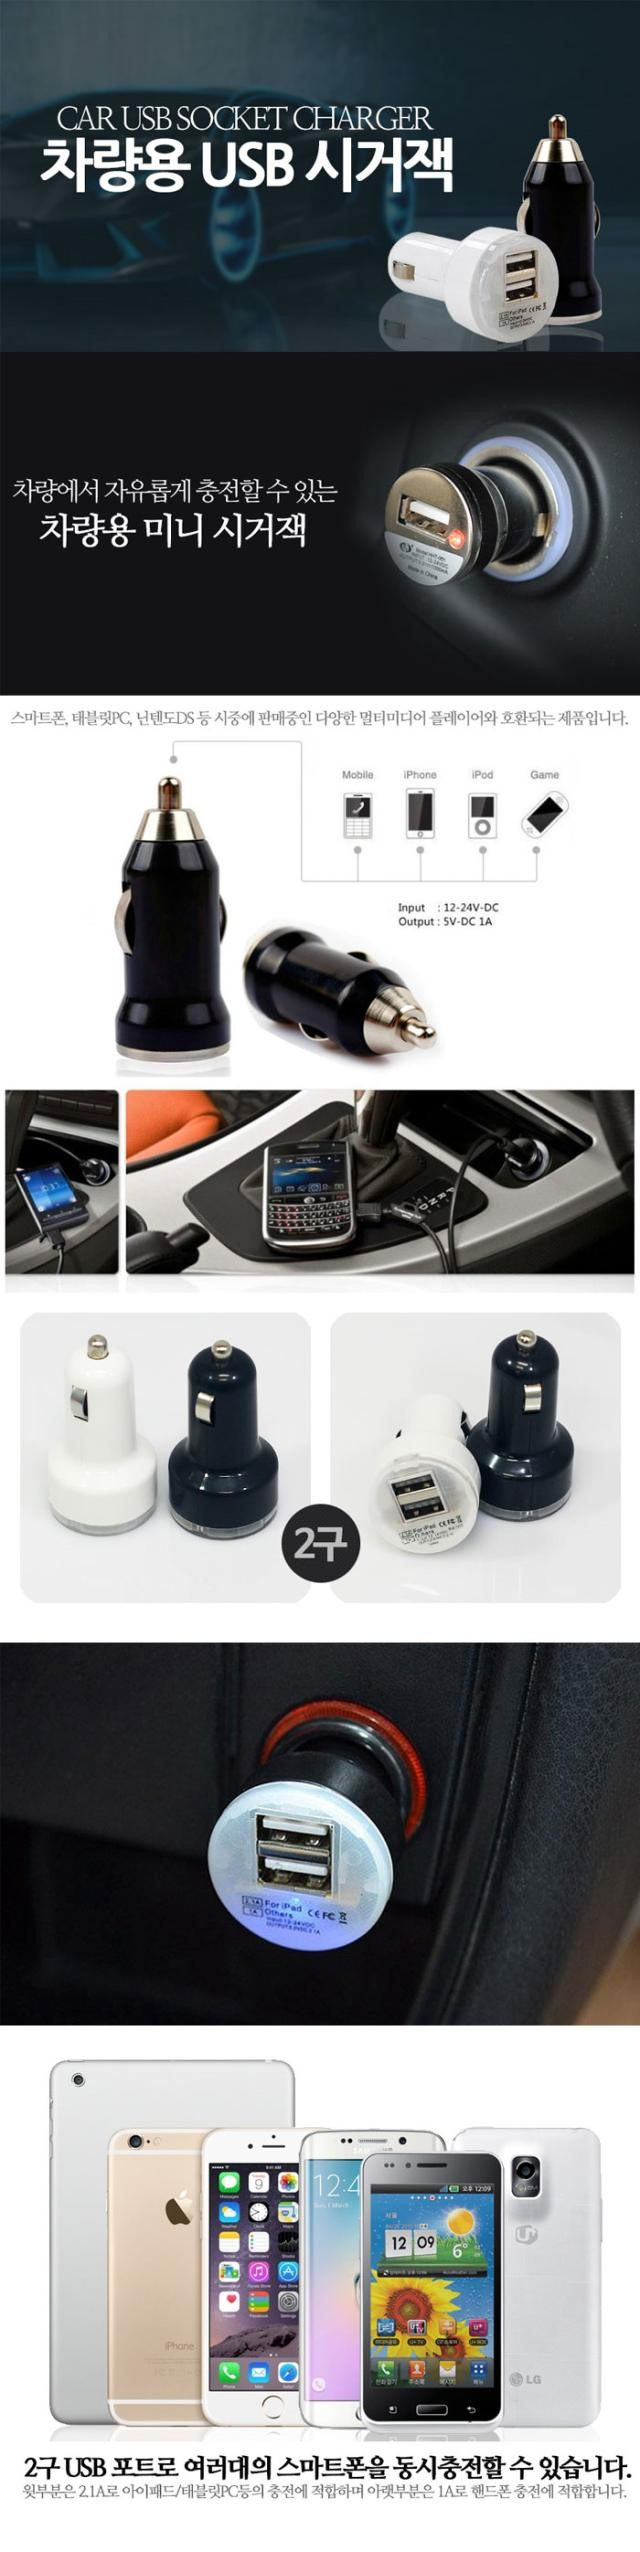 듀얼 차량용 USB 시거잭 충전기 (2구 포트로 동시충전)★